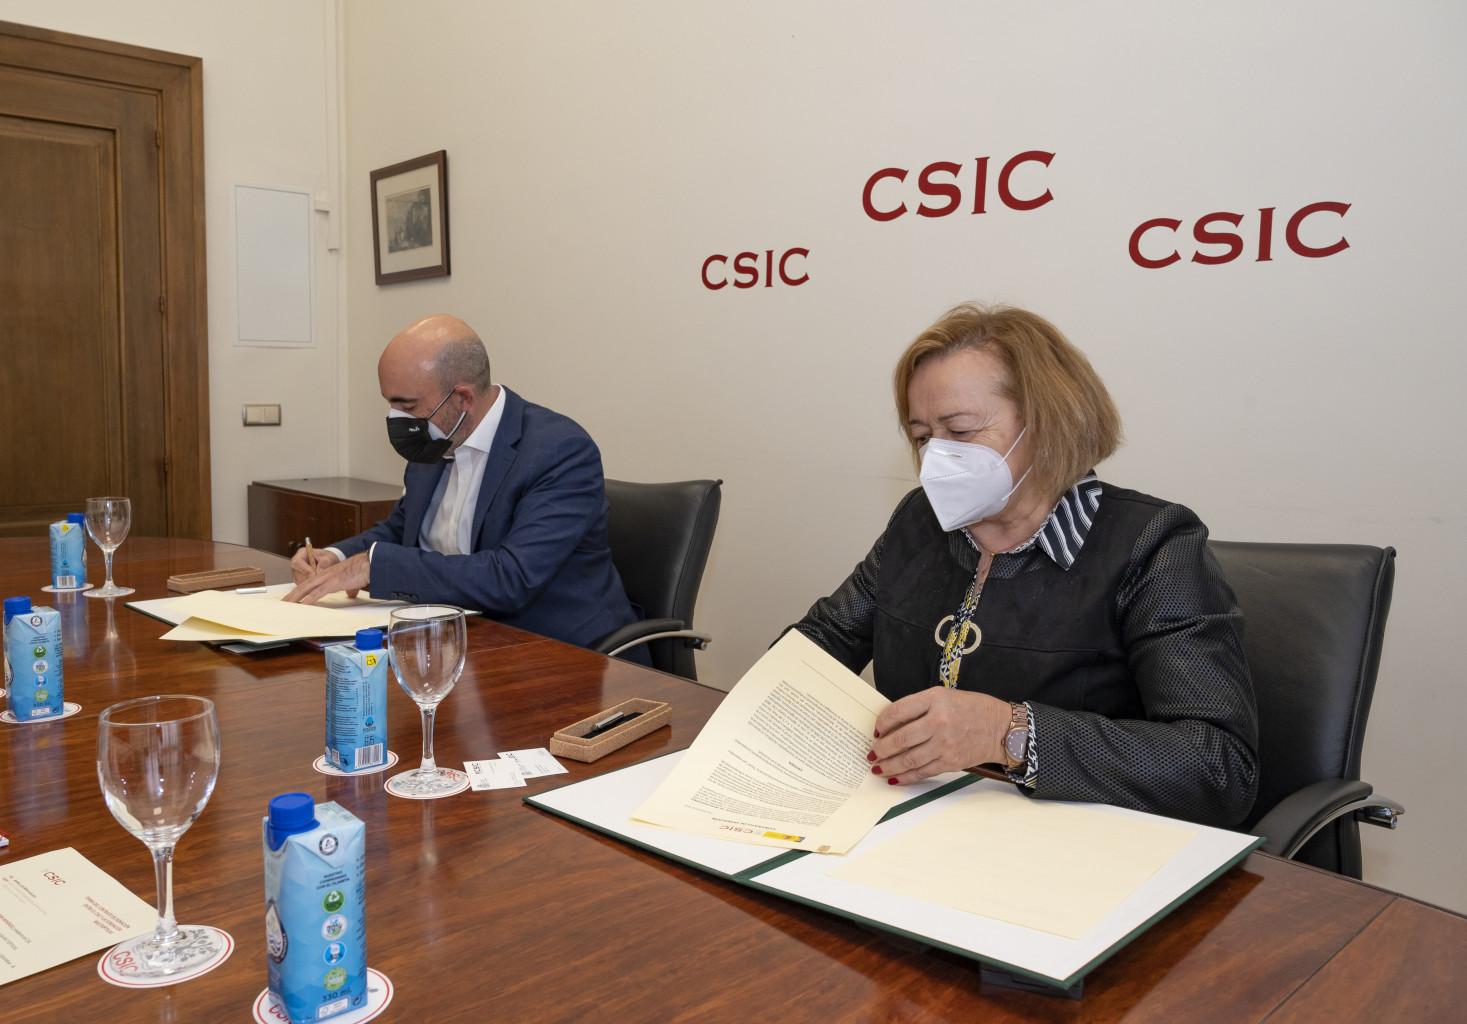 imagen de Carlos Crespo, director general de Multiópticas, y Rosa Menéndez, presidenta del CSIC, durante la firma de la donación. / Vinca Page CSIC Comunicación